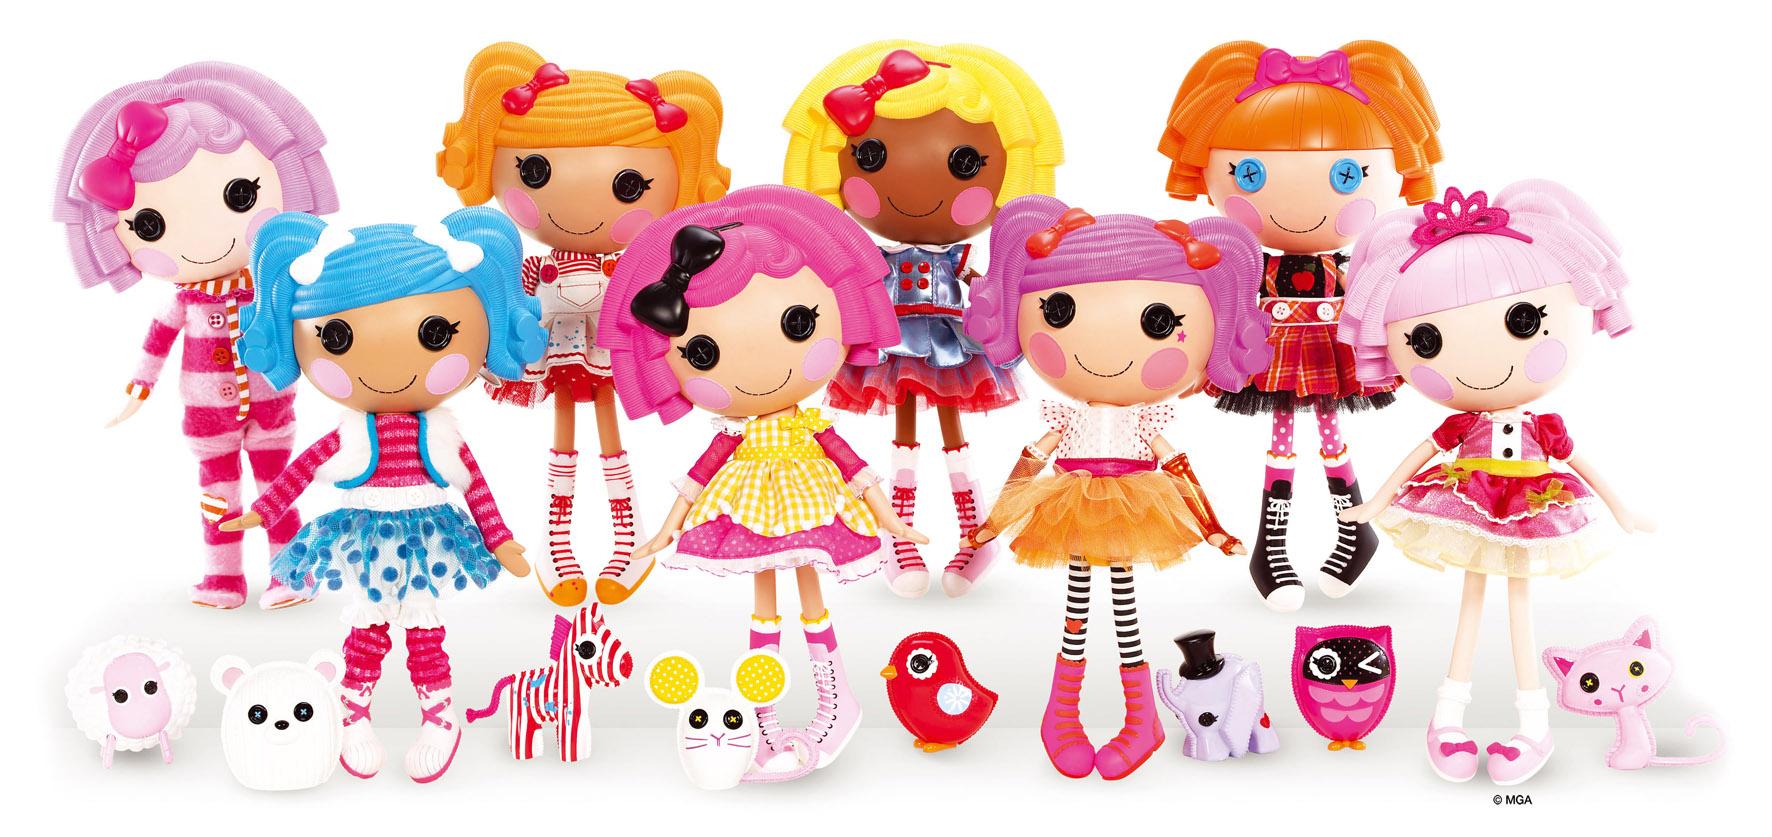 son un conjunto de muñecas basadas en las clásicas muñecas de